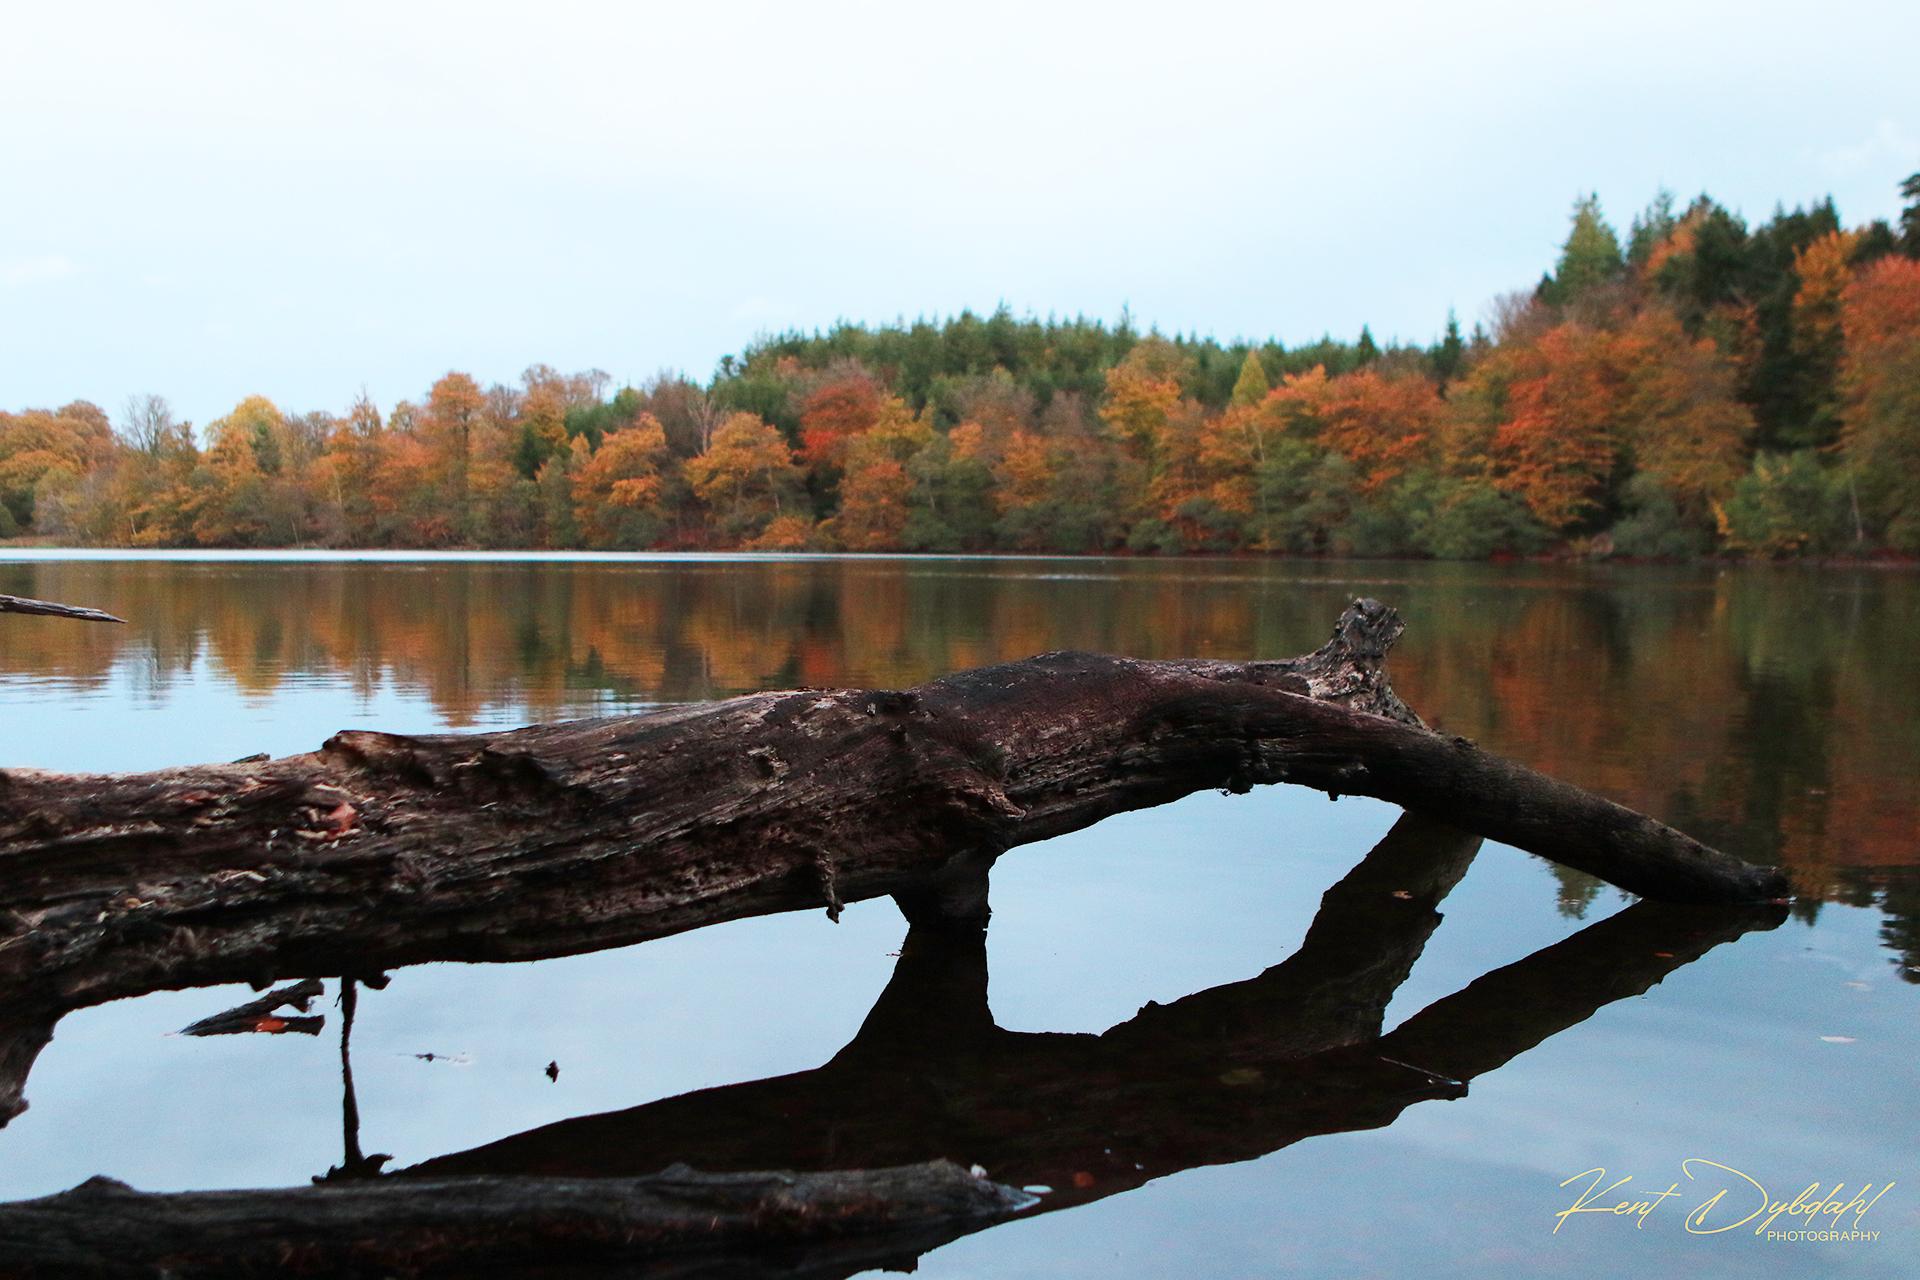 © Fotos Natur dybdahls.dk.